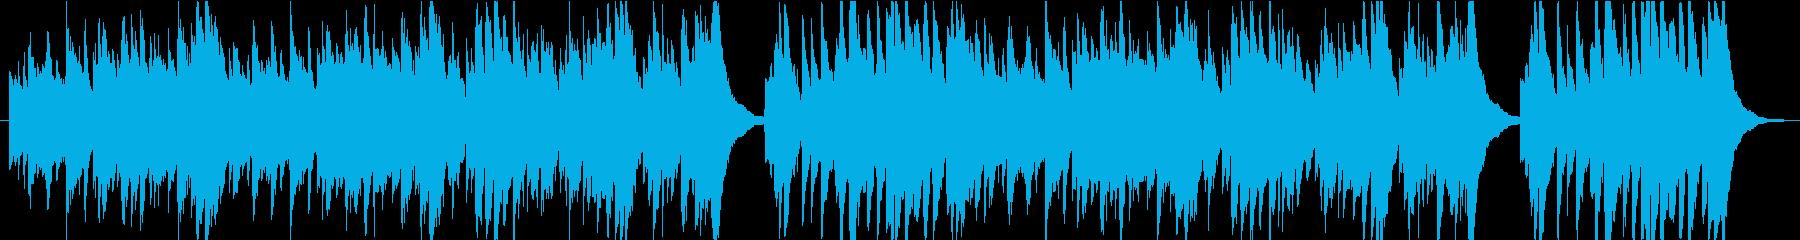 穏やかで少し切ないハープソロの再生済みの波形